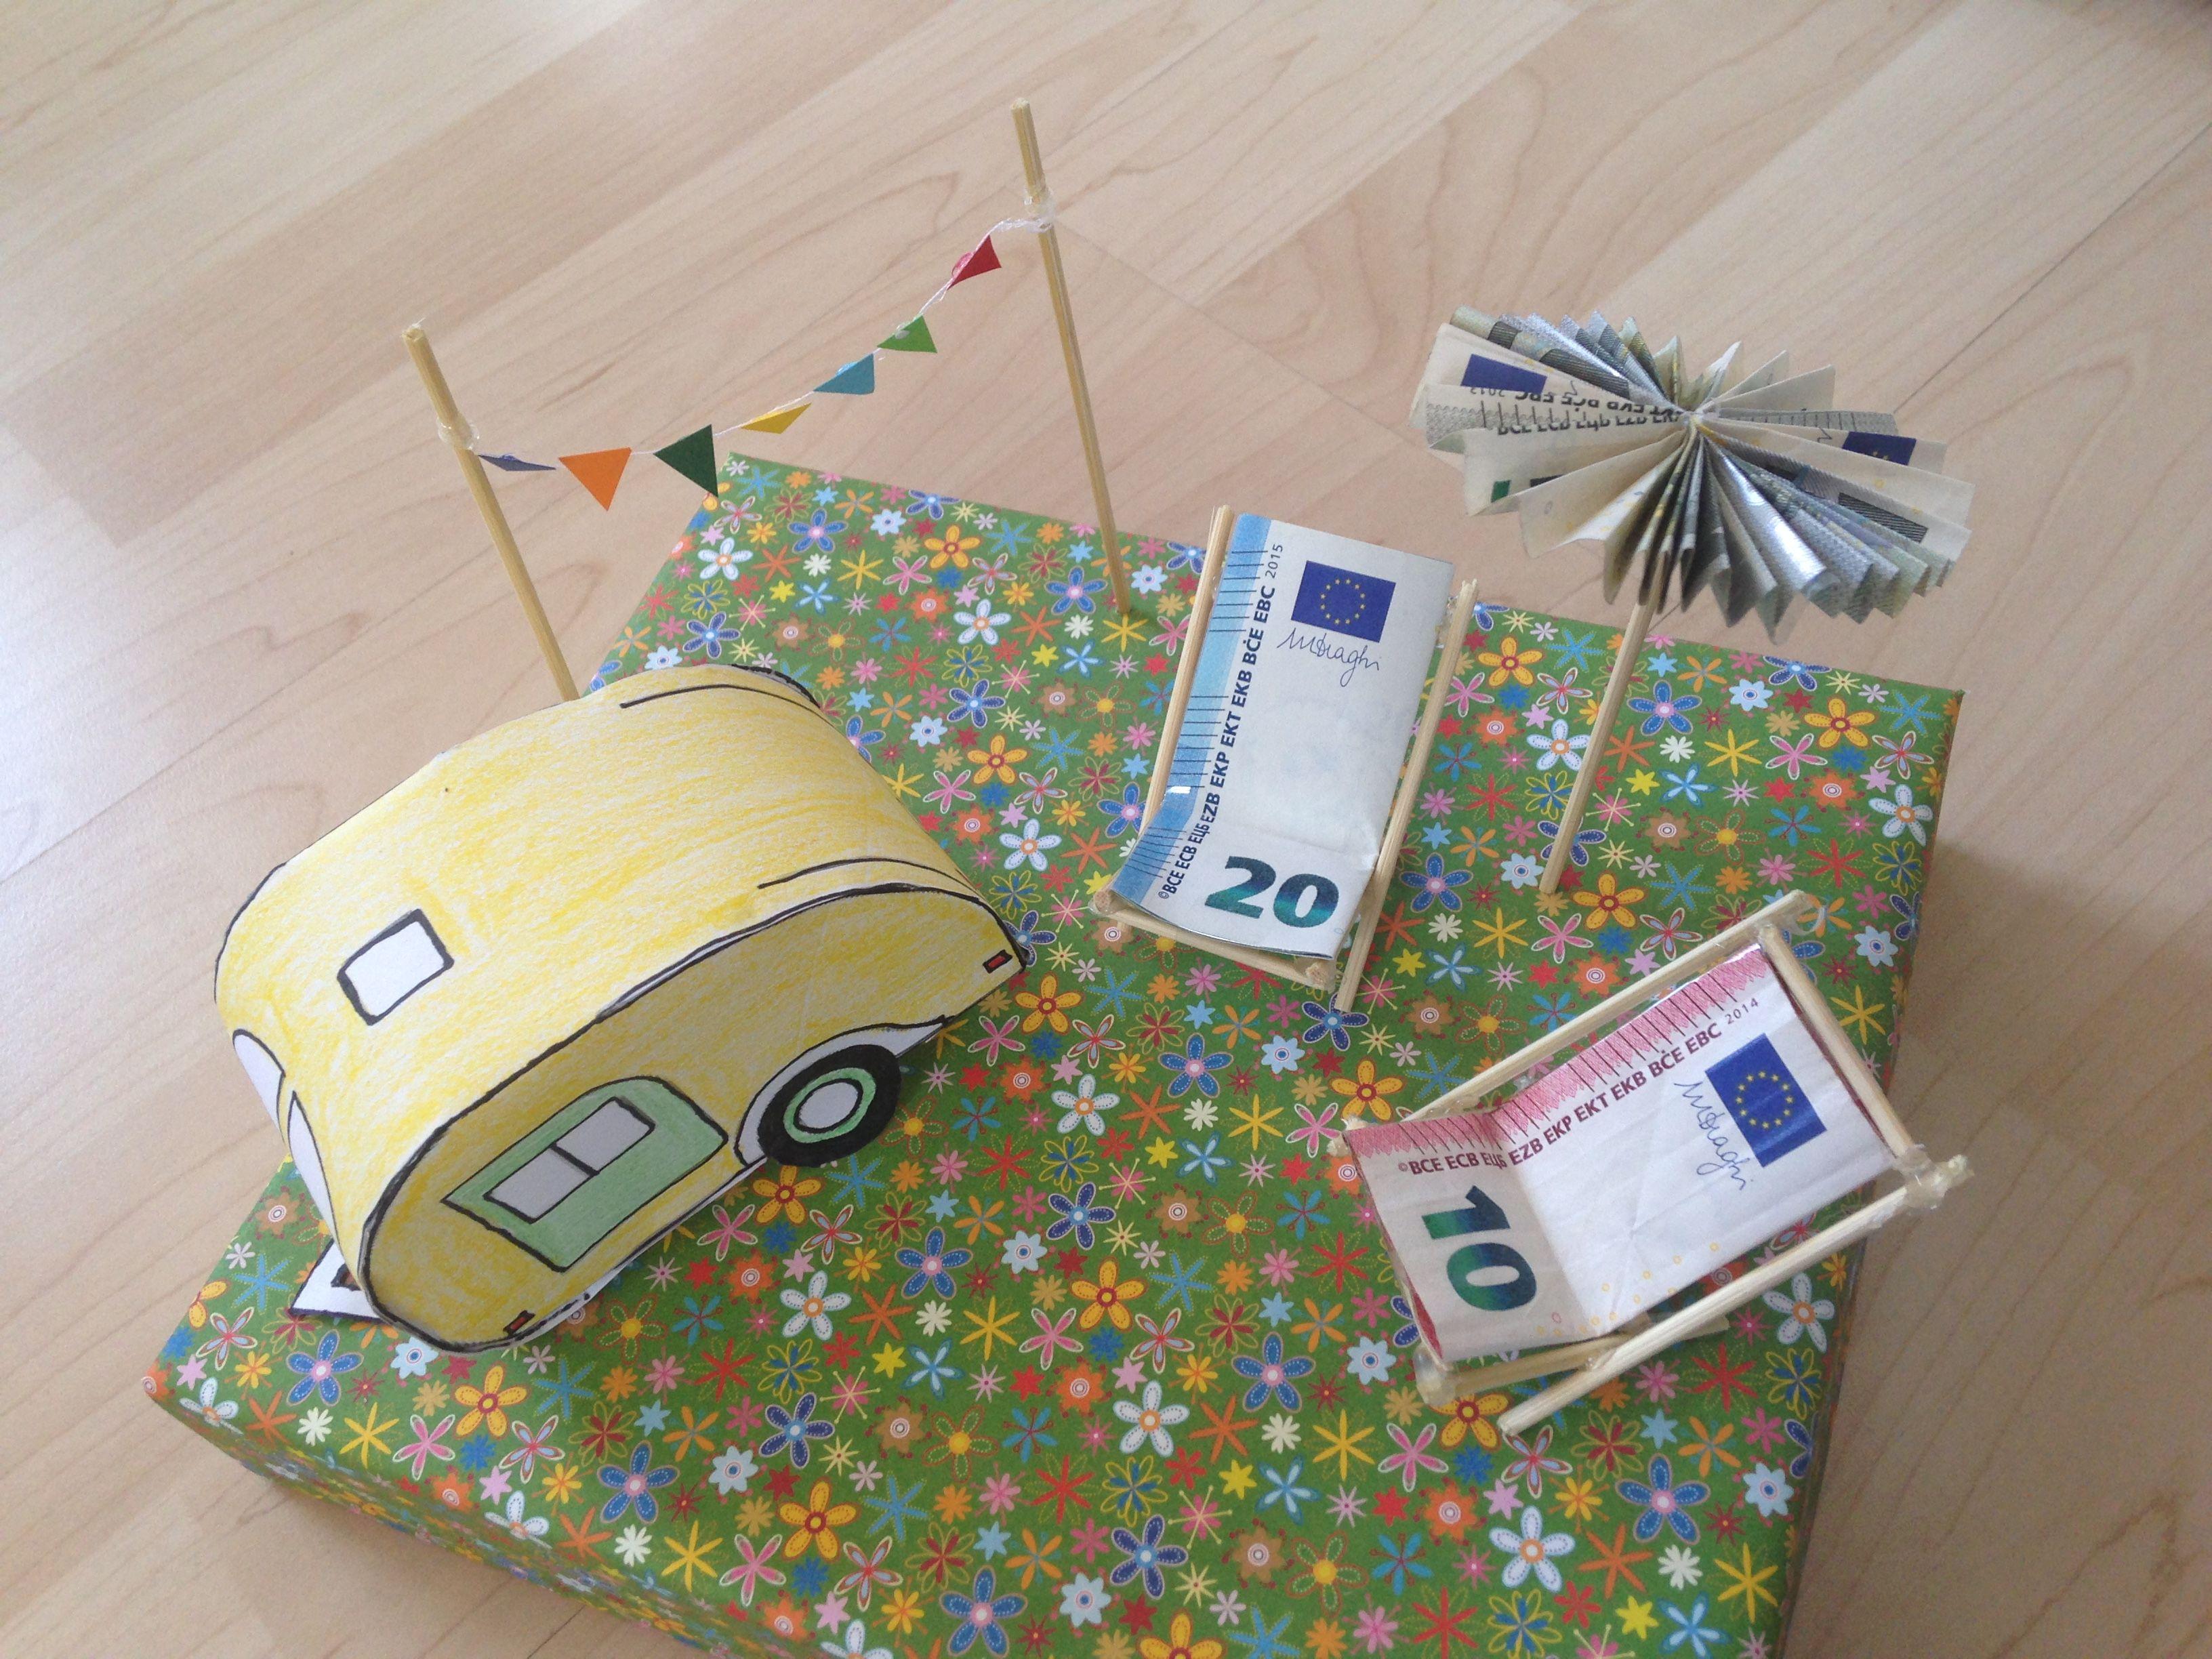 Geldgeschenk Wohnwagen  Geschenke  Pinterest  Geldgeschenke Wohnwagen und Hochzeitsgeschenke